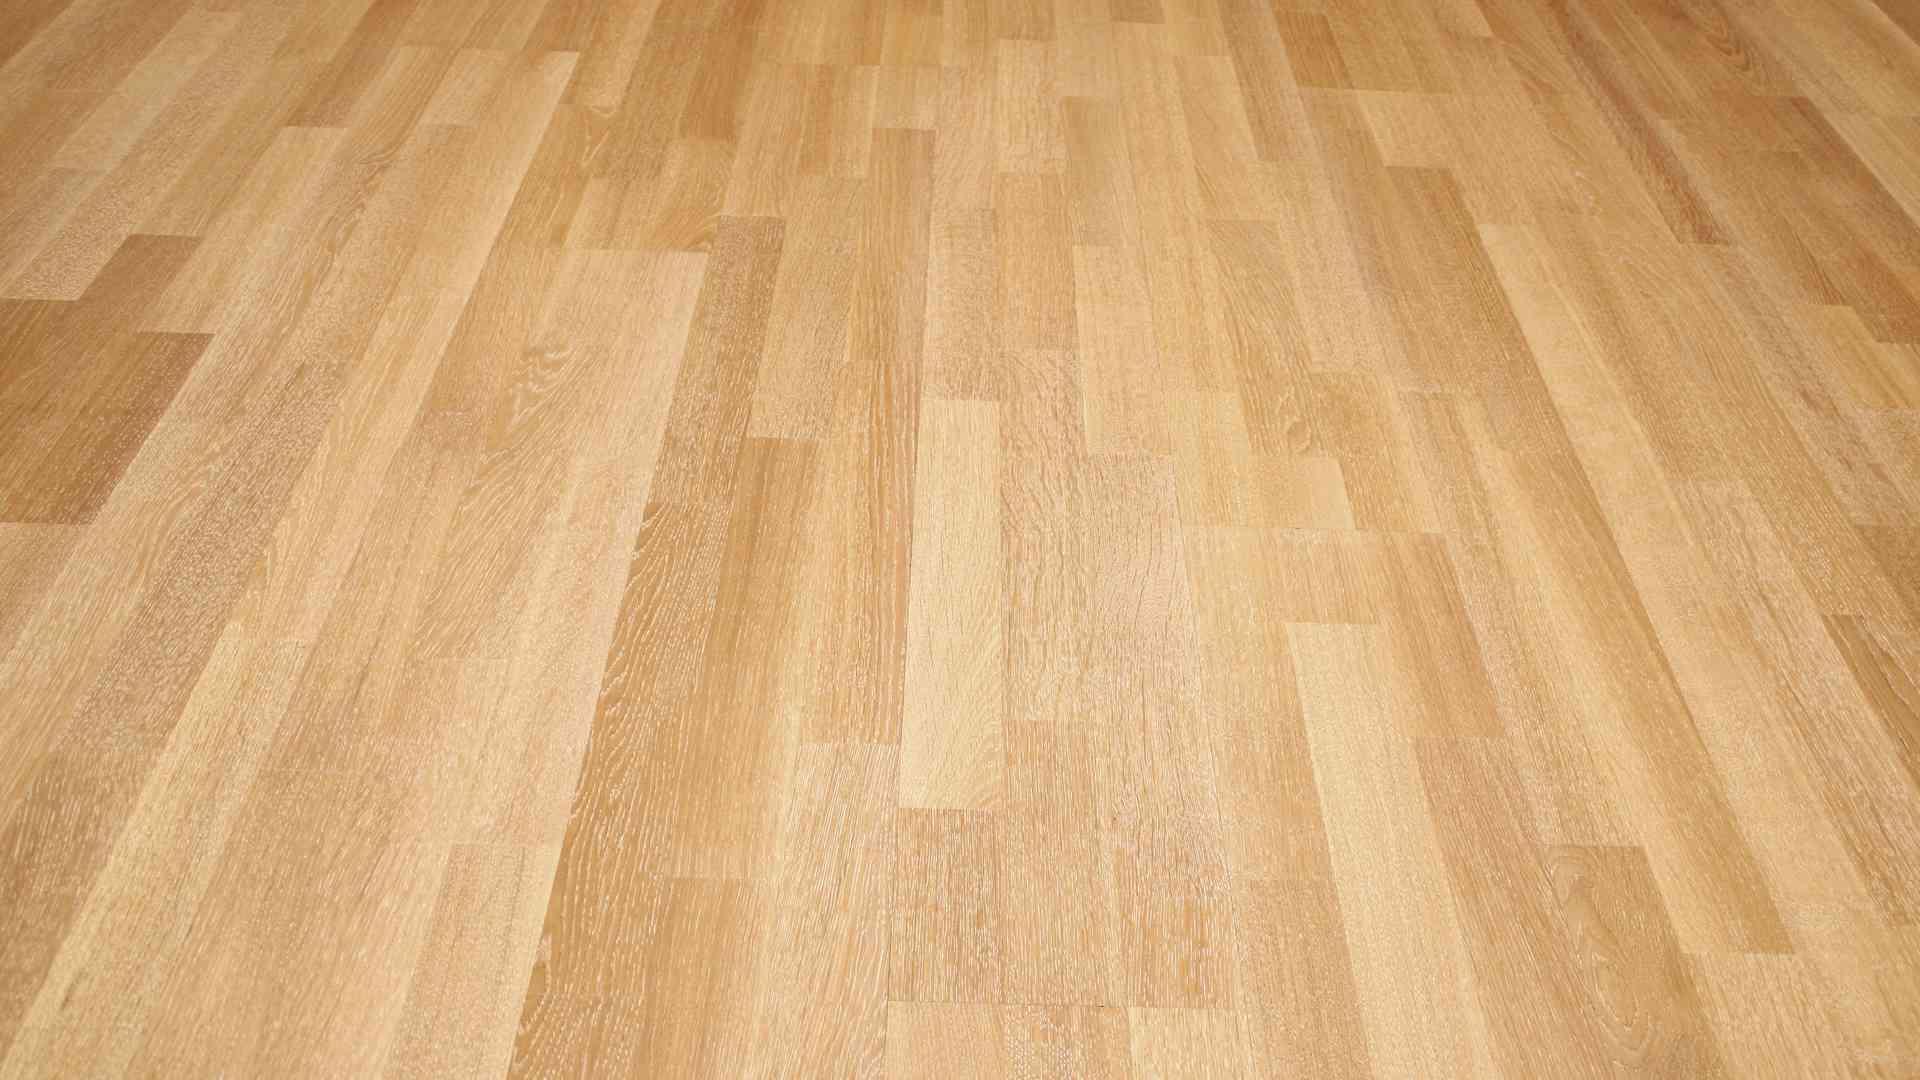 Suelo de madera de bamb para tu hogar - Suelo de madera ...